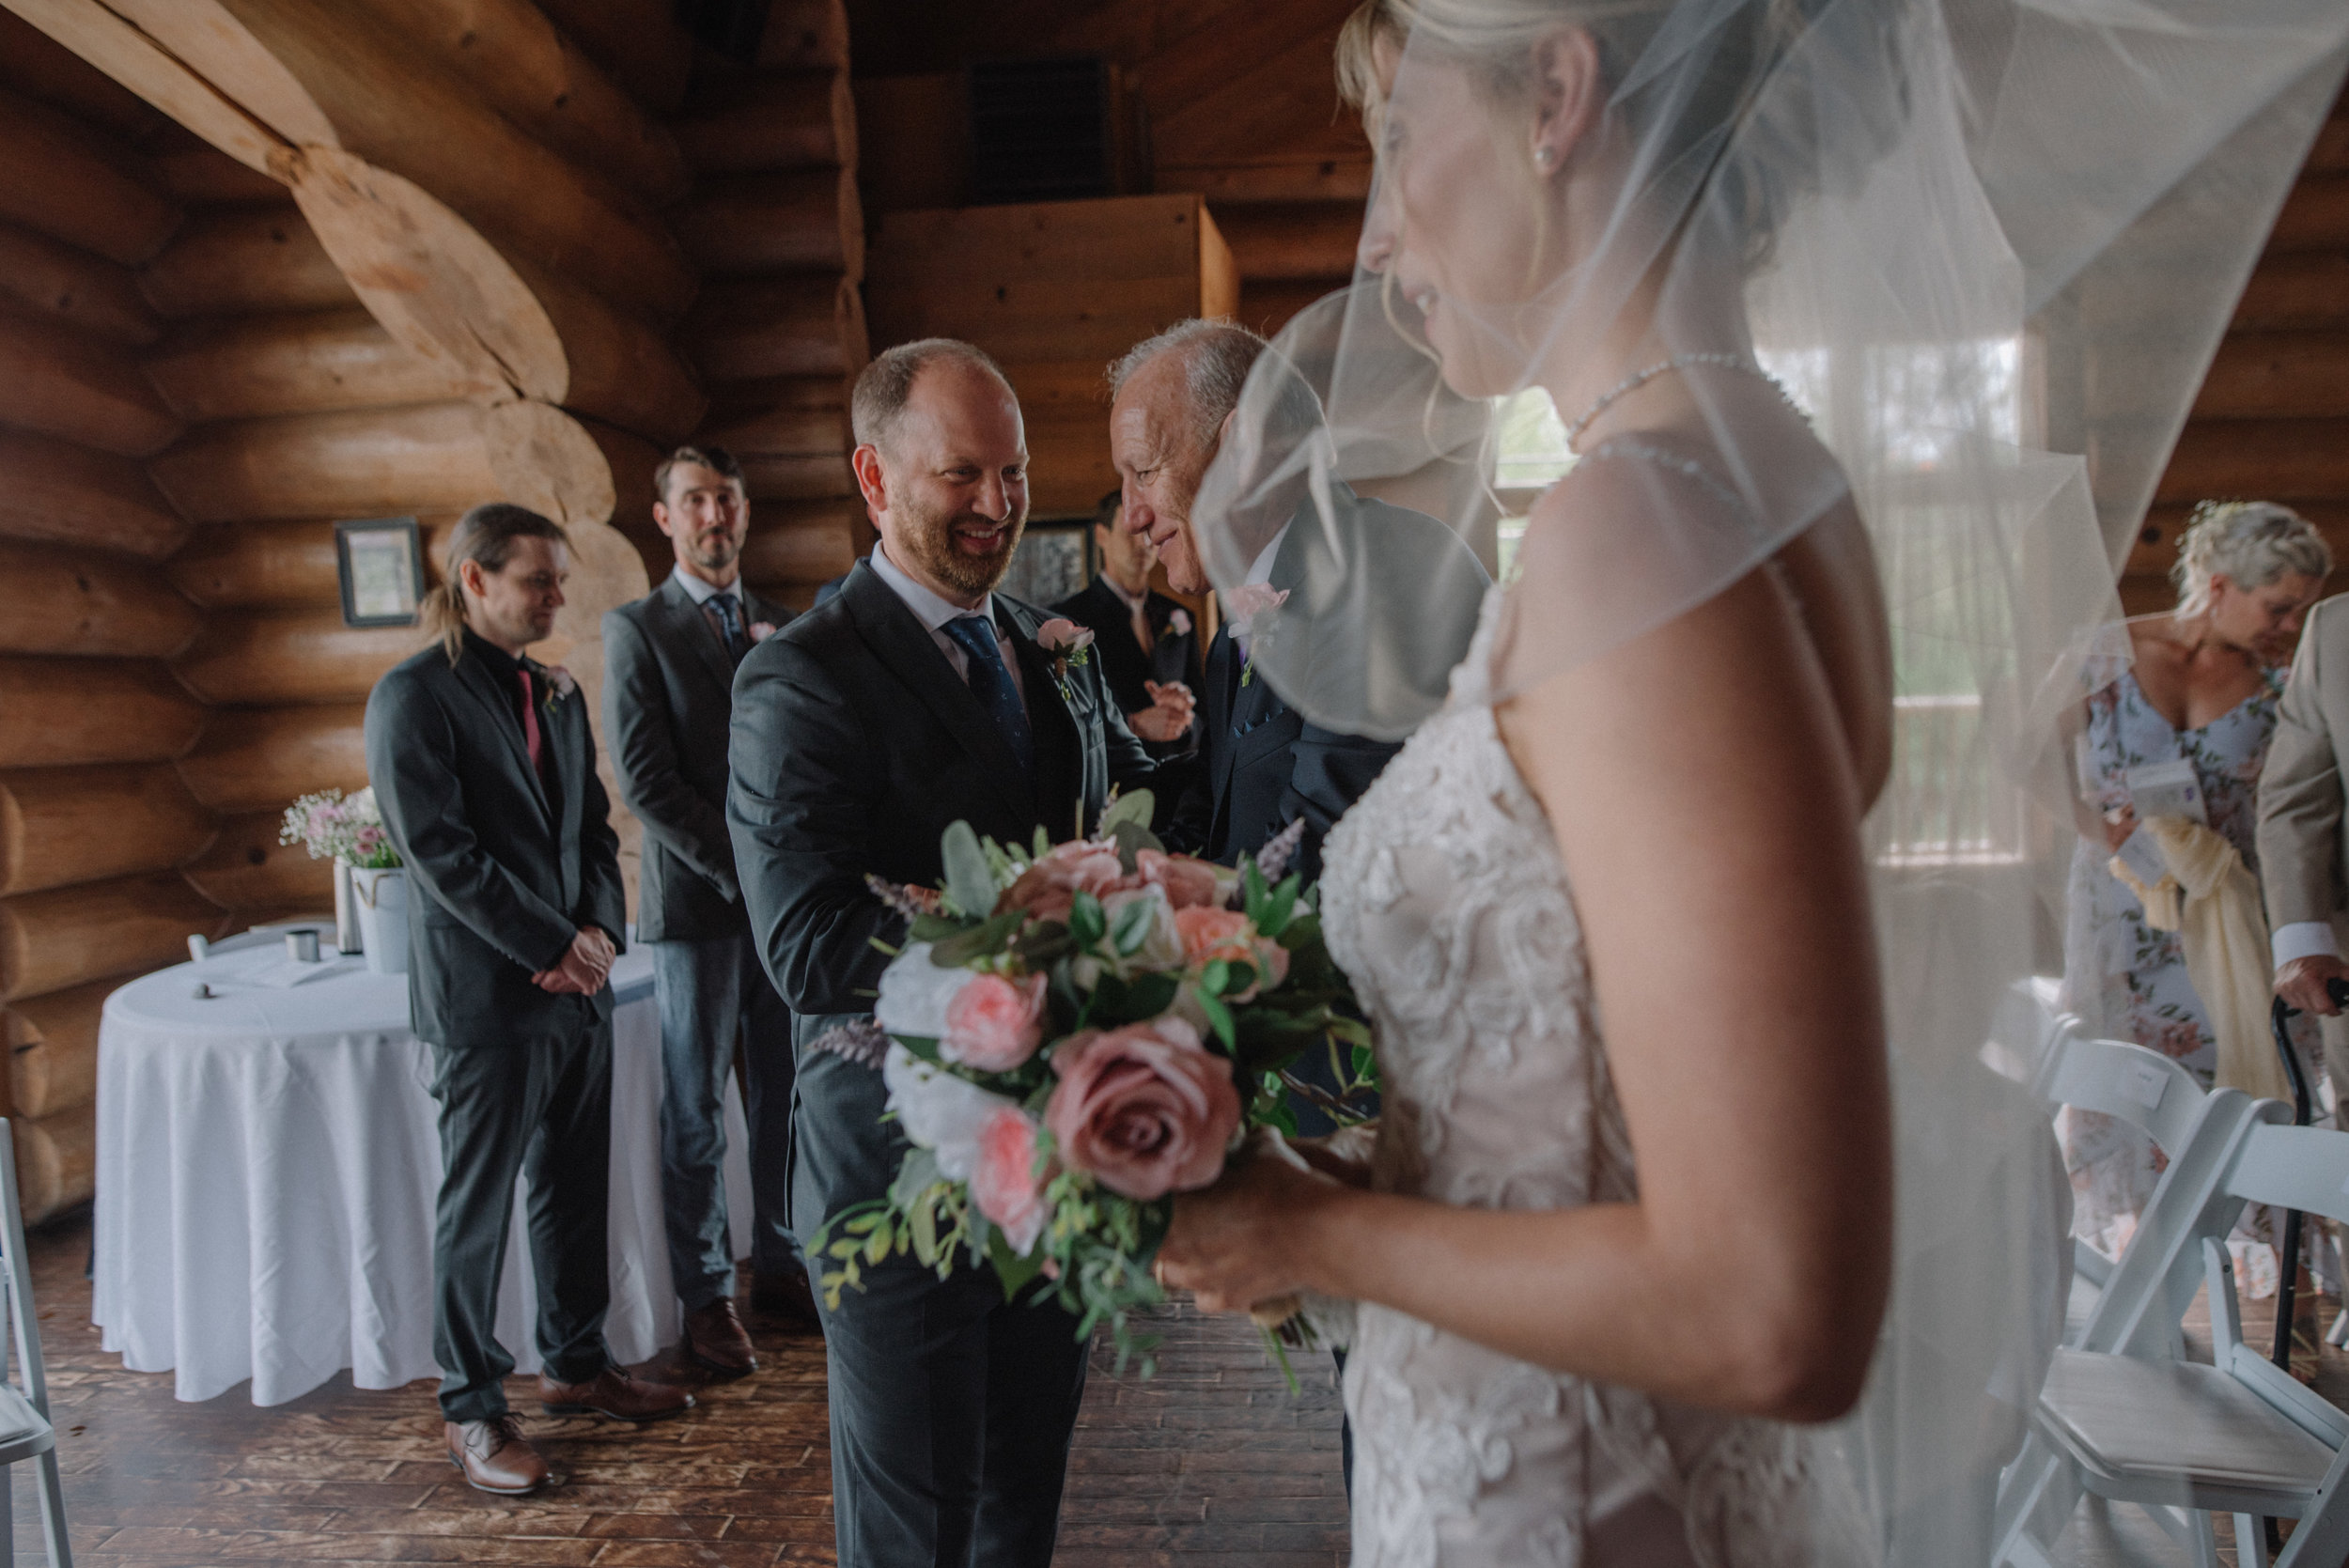 gatineau_photographe_mariage_ottawa_wedding_photography_documentary_candid_unposed_lifestyle_photography_photographie_613_family_famille (41).jpg